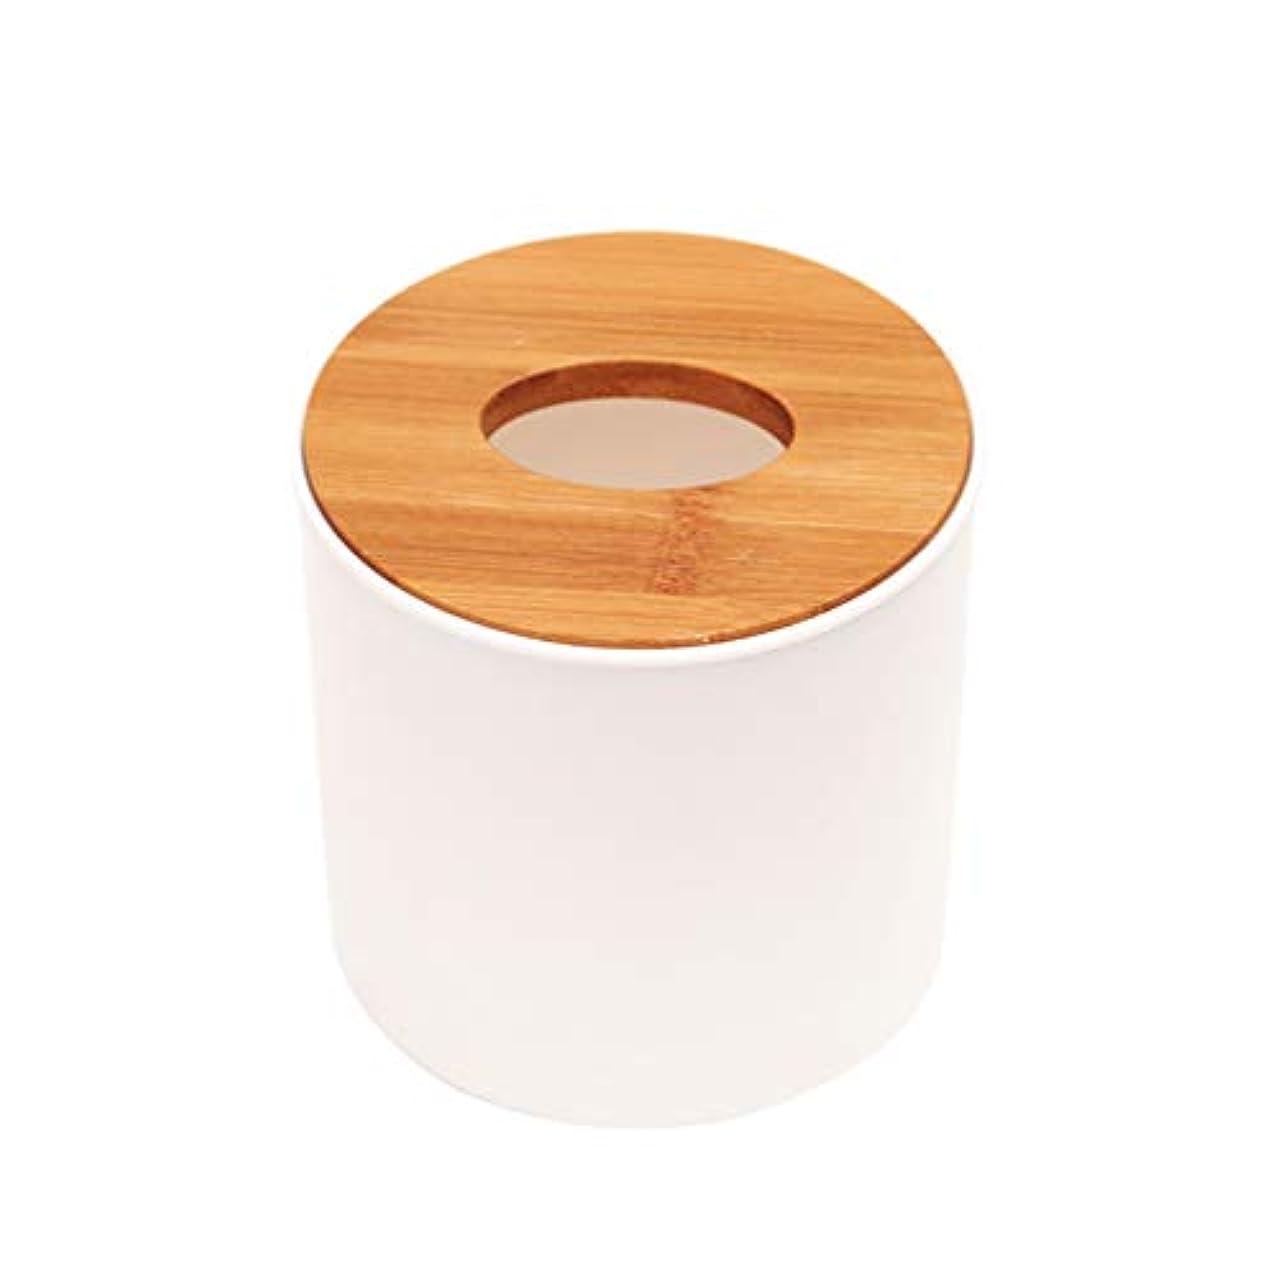 マウスピースニコチン傘TOPBATHY 2ピースティッシュボックス円筒木製カバープラスチック耐久性のあるティッシュペーパーホルダーオフィスホーム用品白